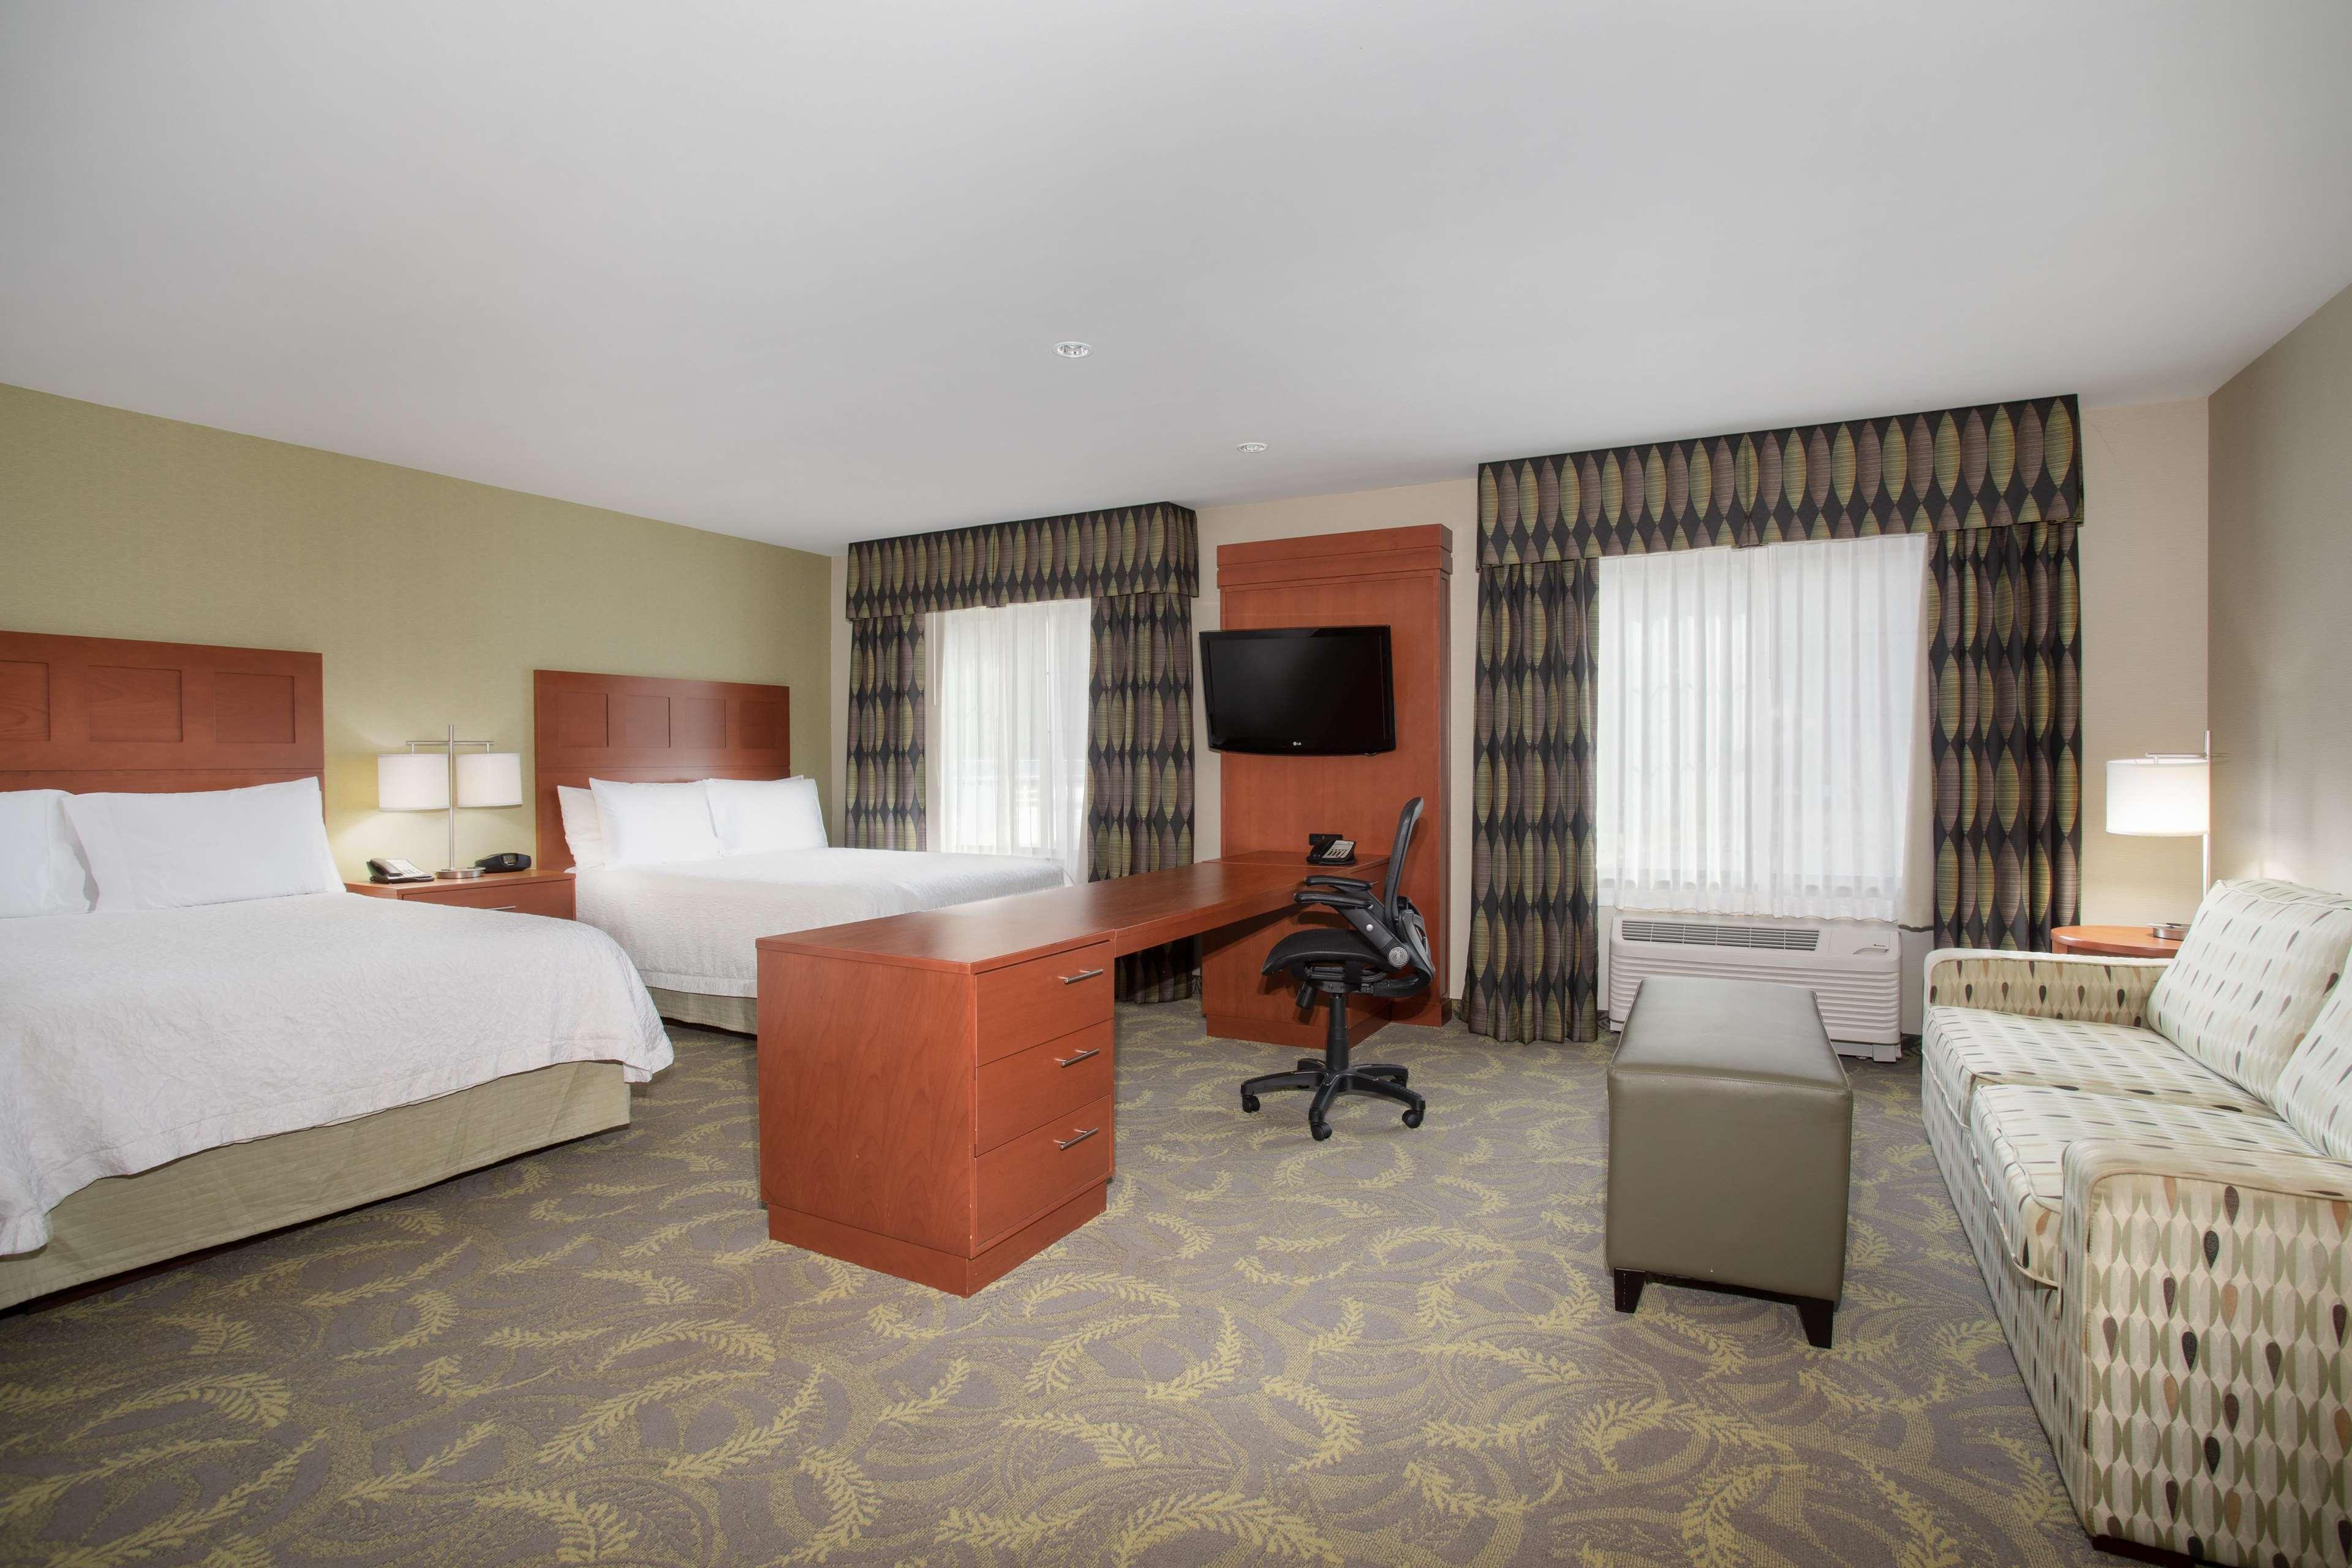 Hampton Inn & Suites Astoria image 15